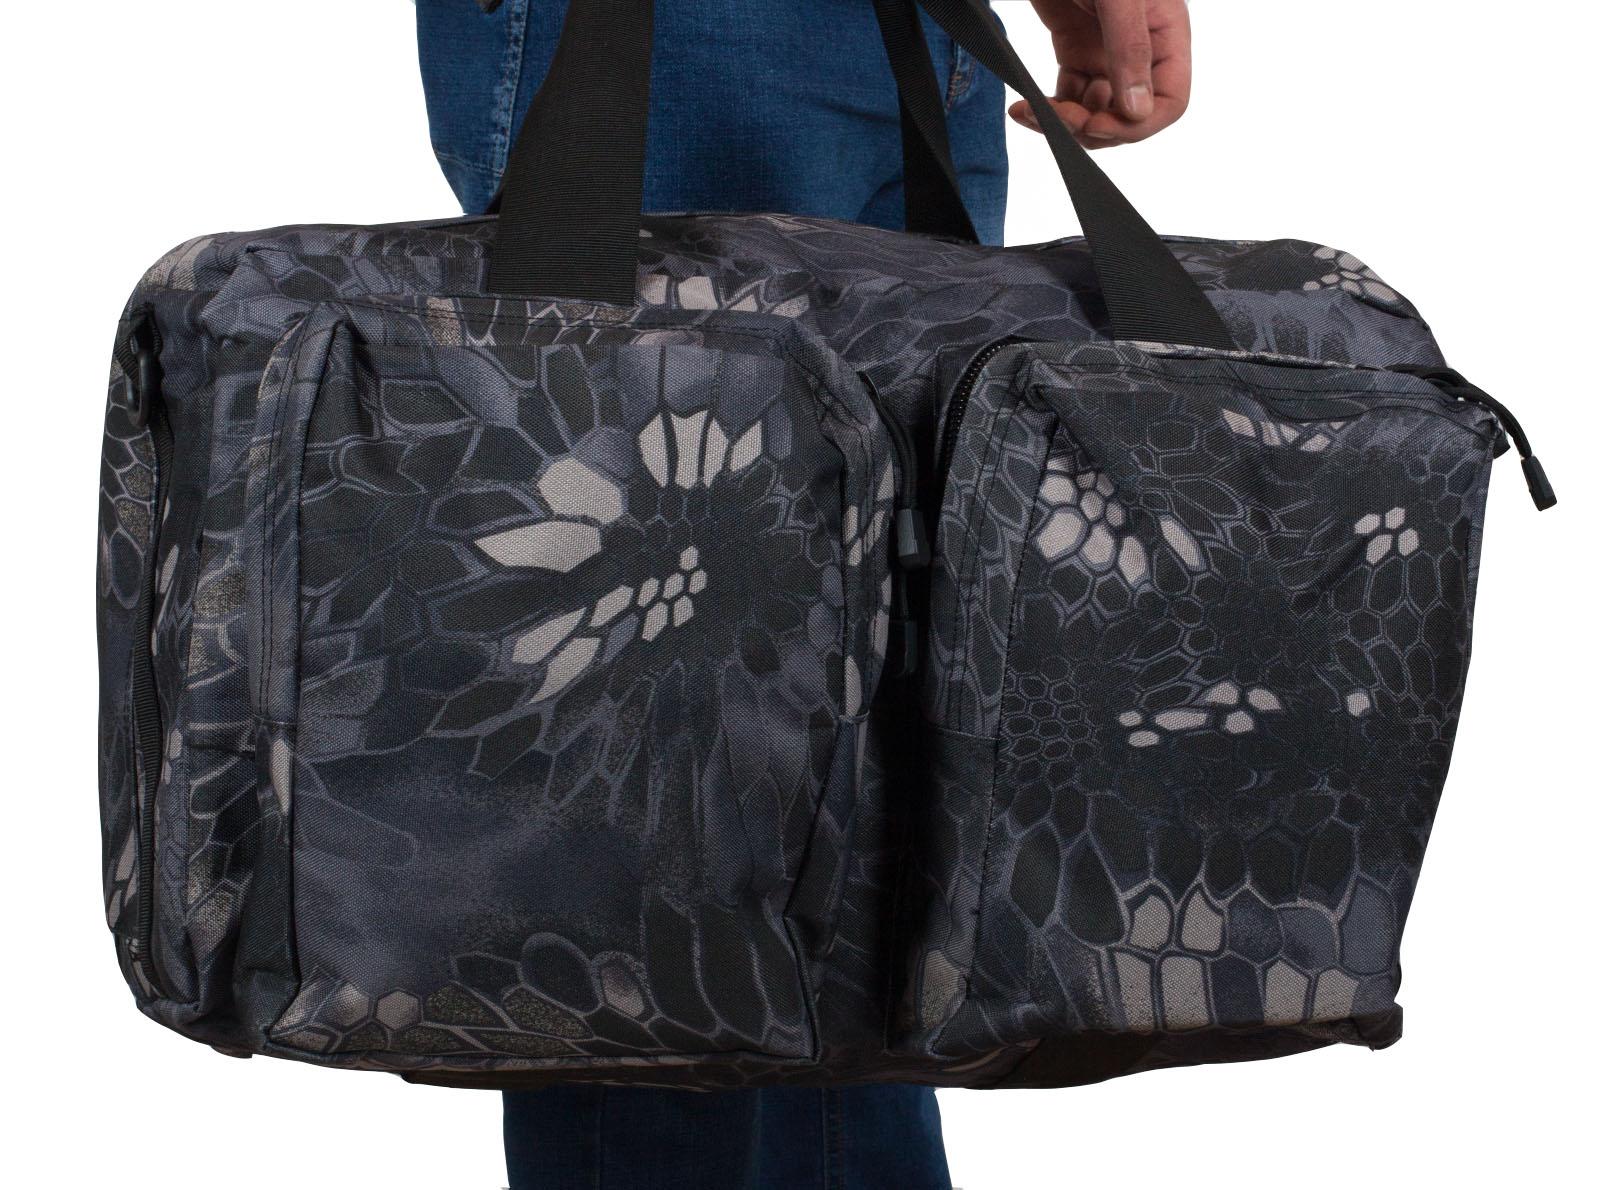 Купить в интернет магазине камуфляжную тактическую сумку